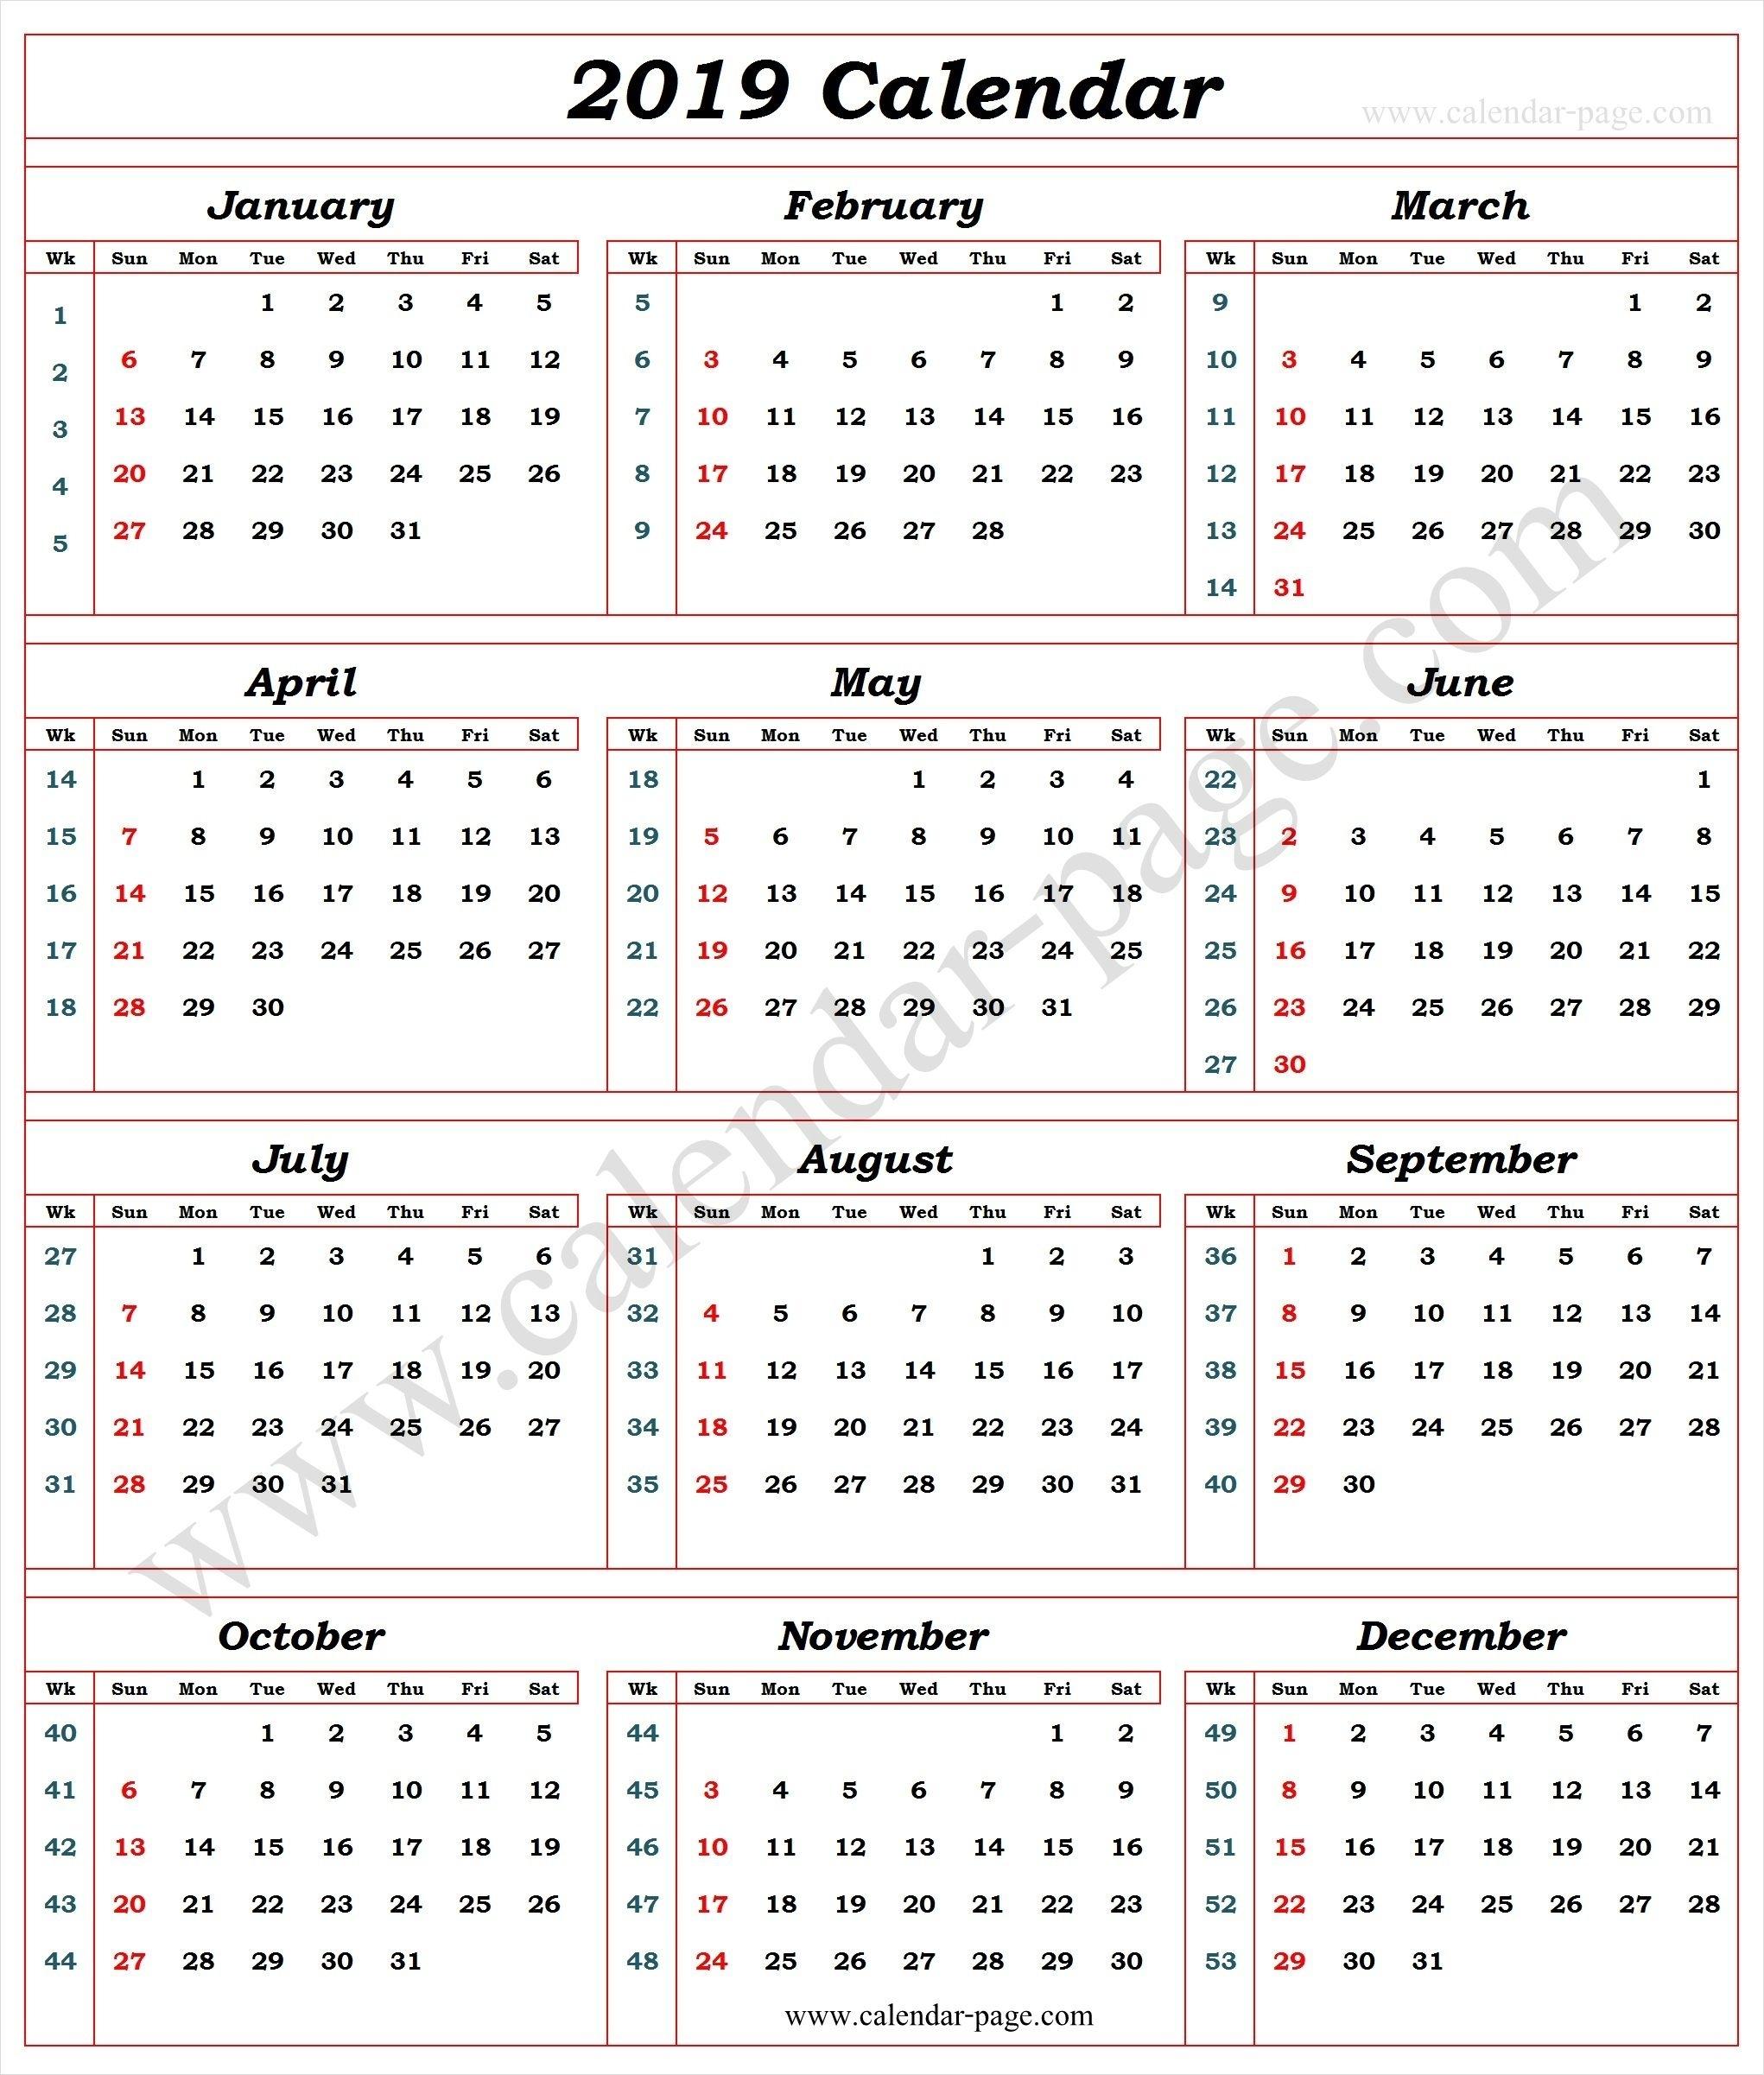 Calendar 2019 With Week Numbers | Calendar With Week Numbers